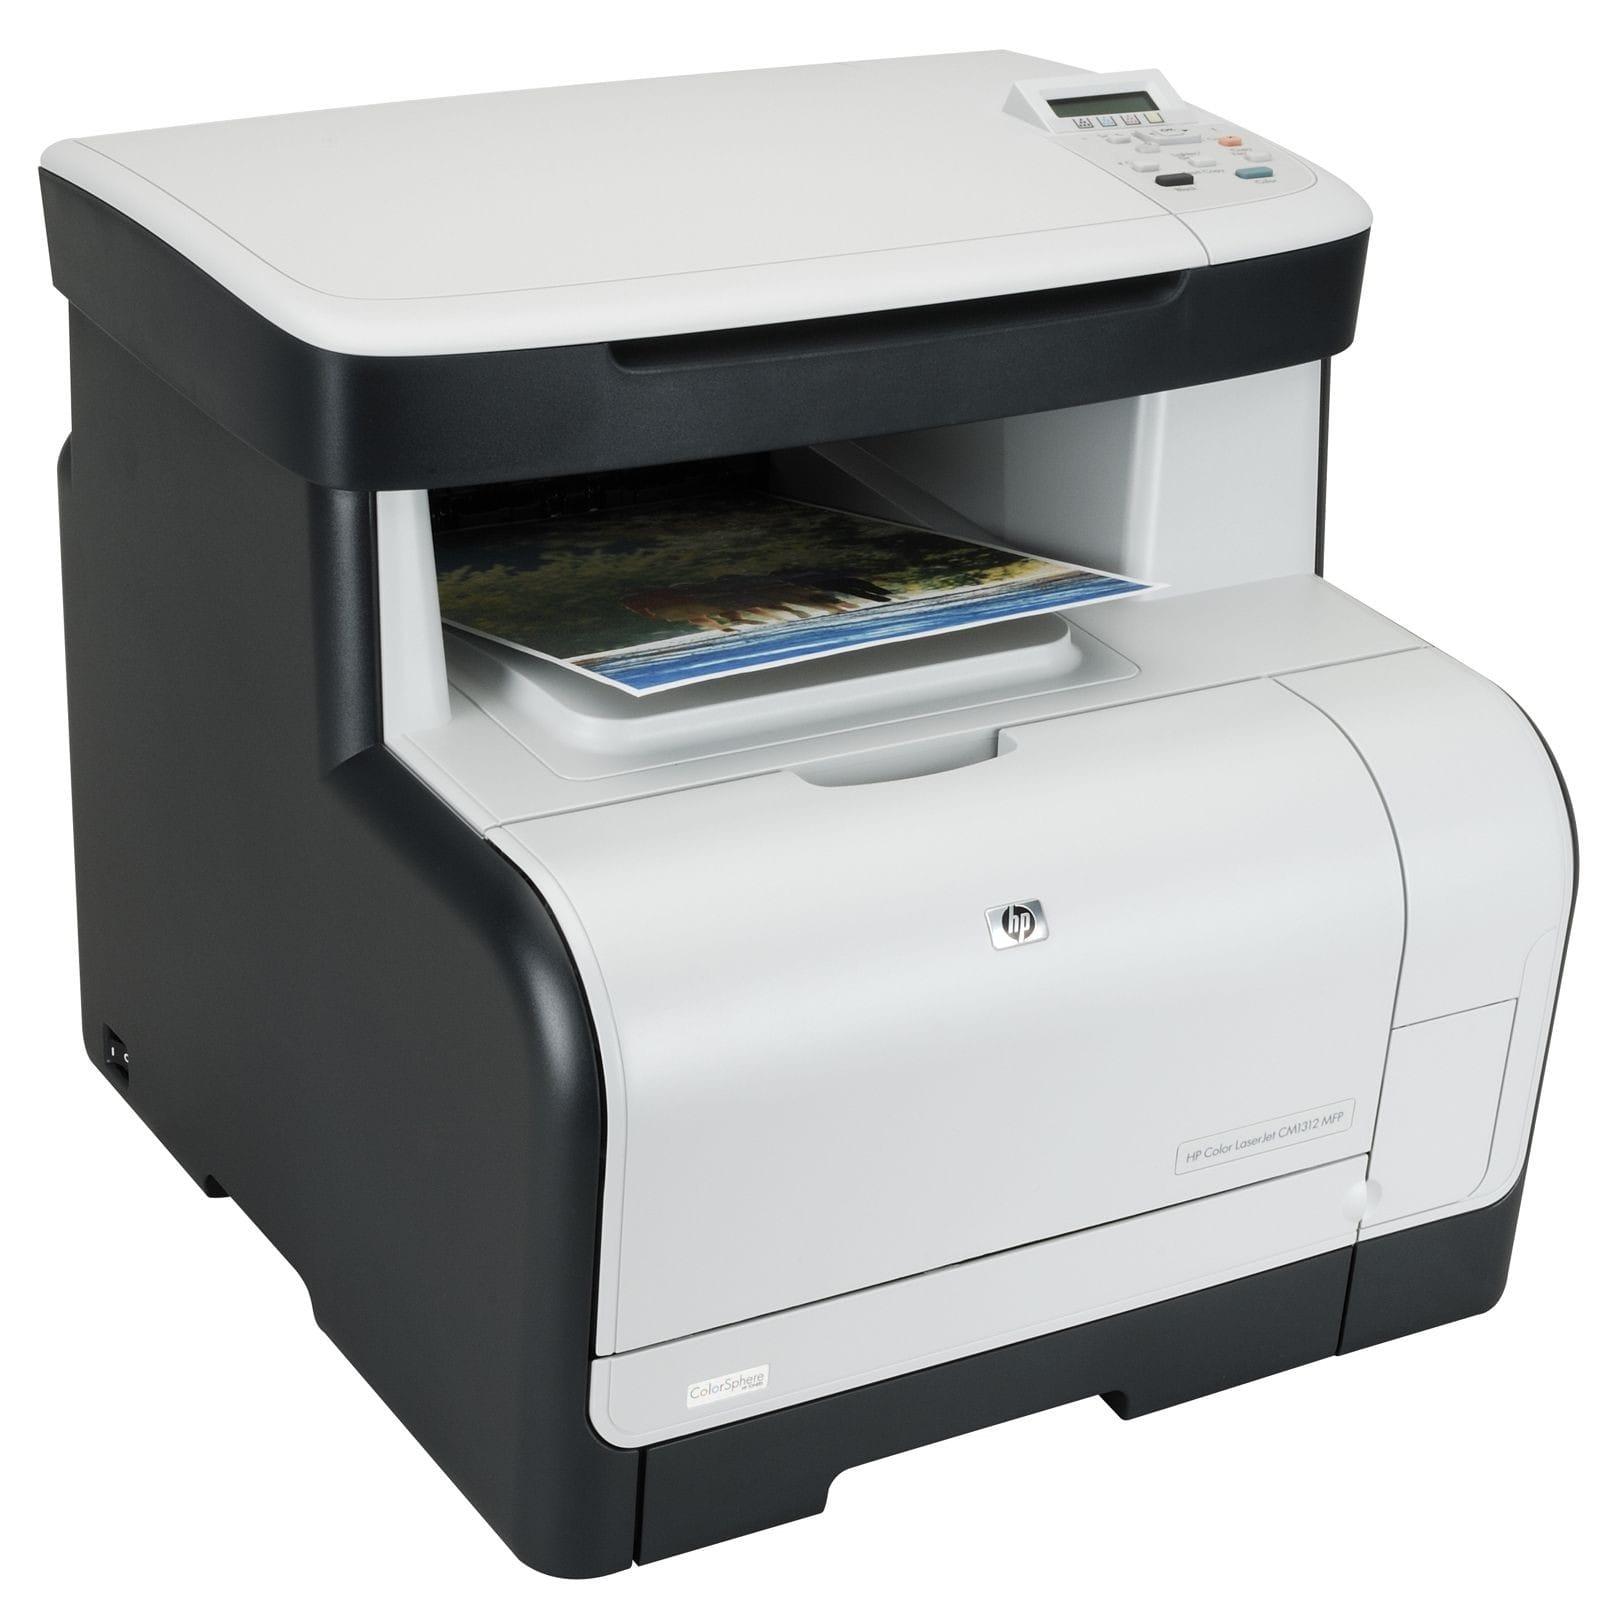 Baixar driver da impressora hp color laserjet 2600n